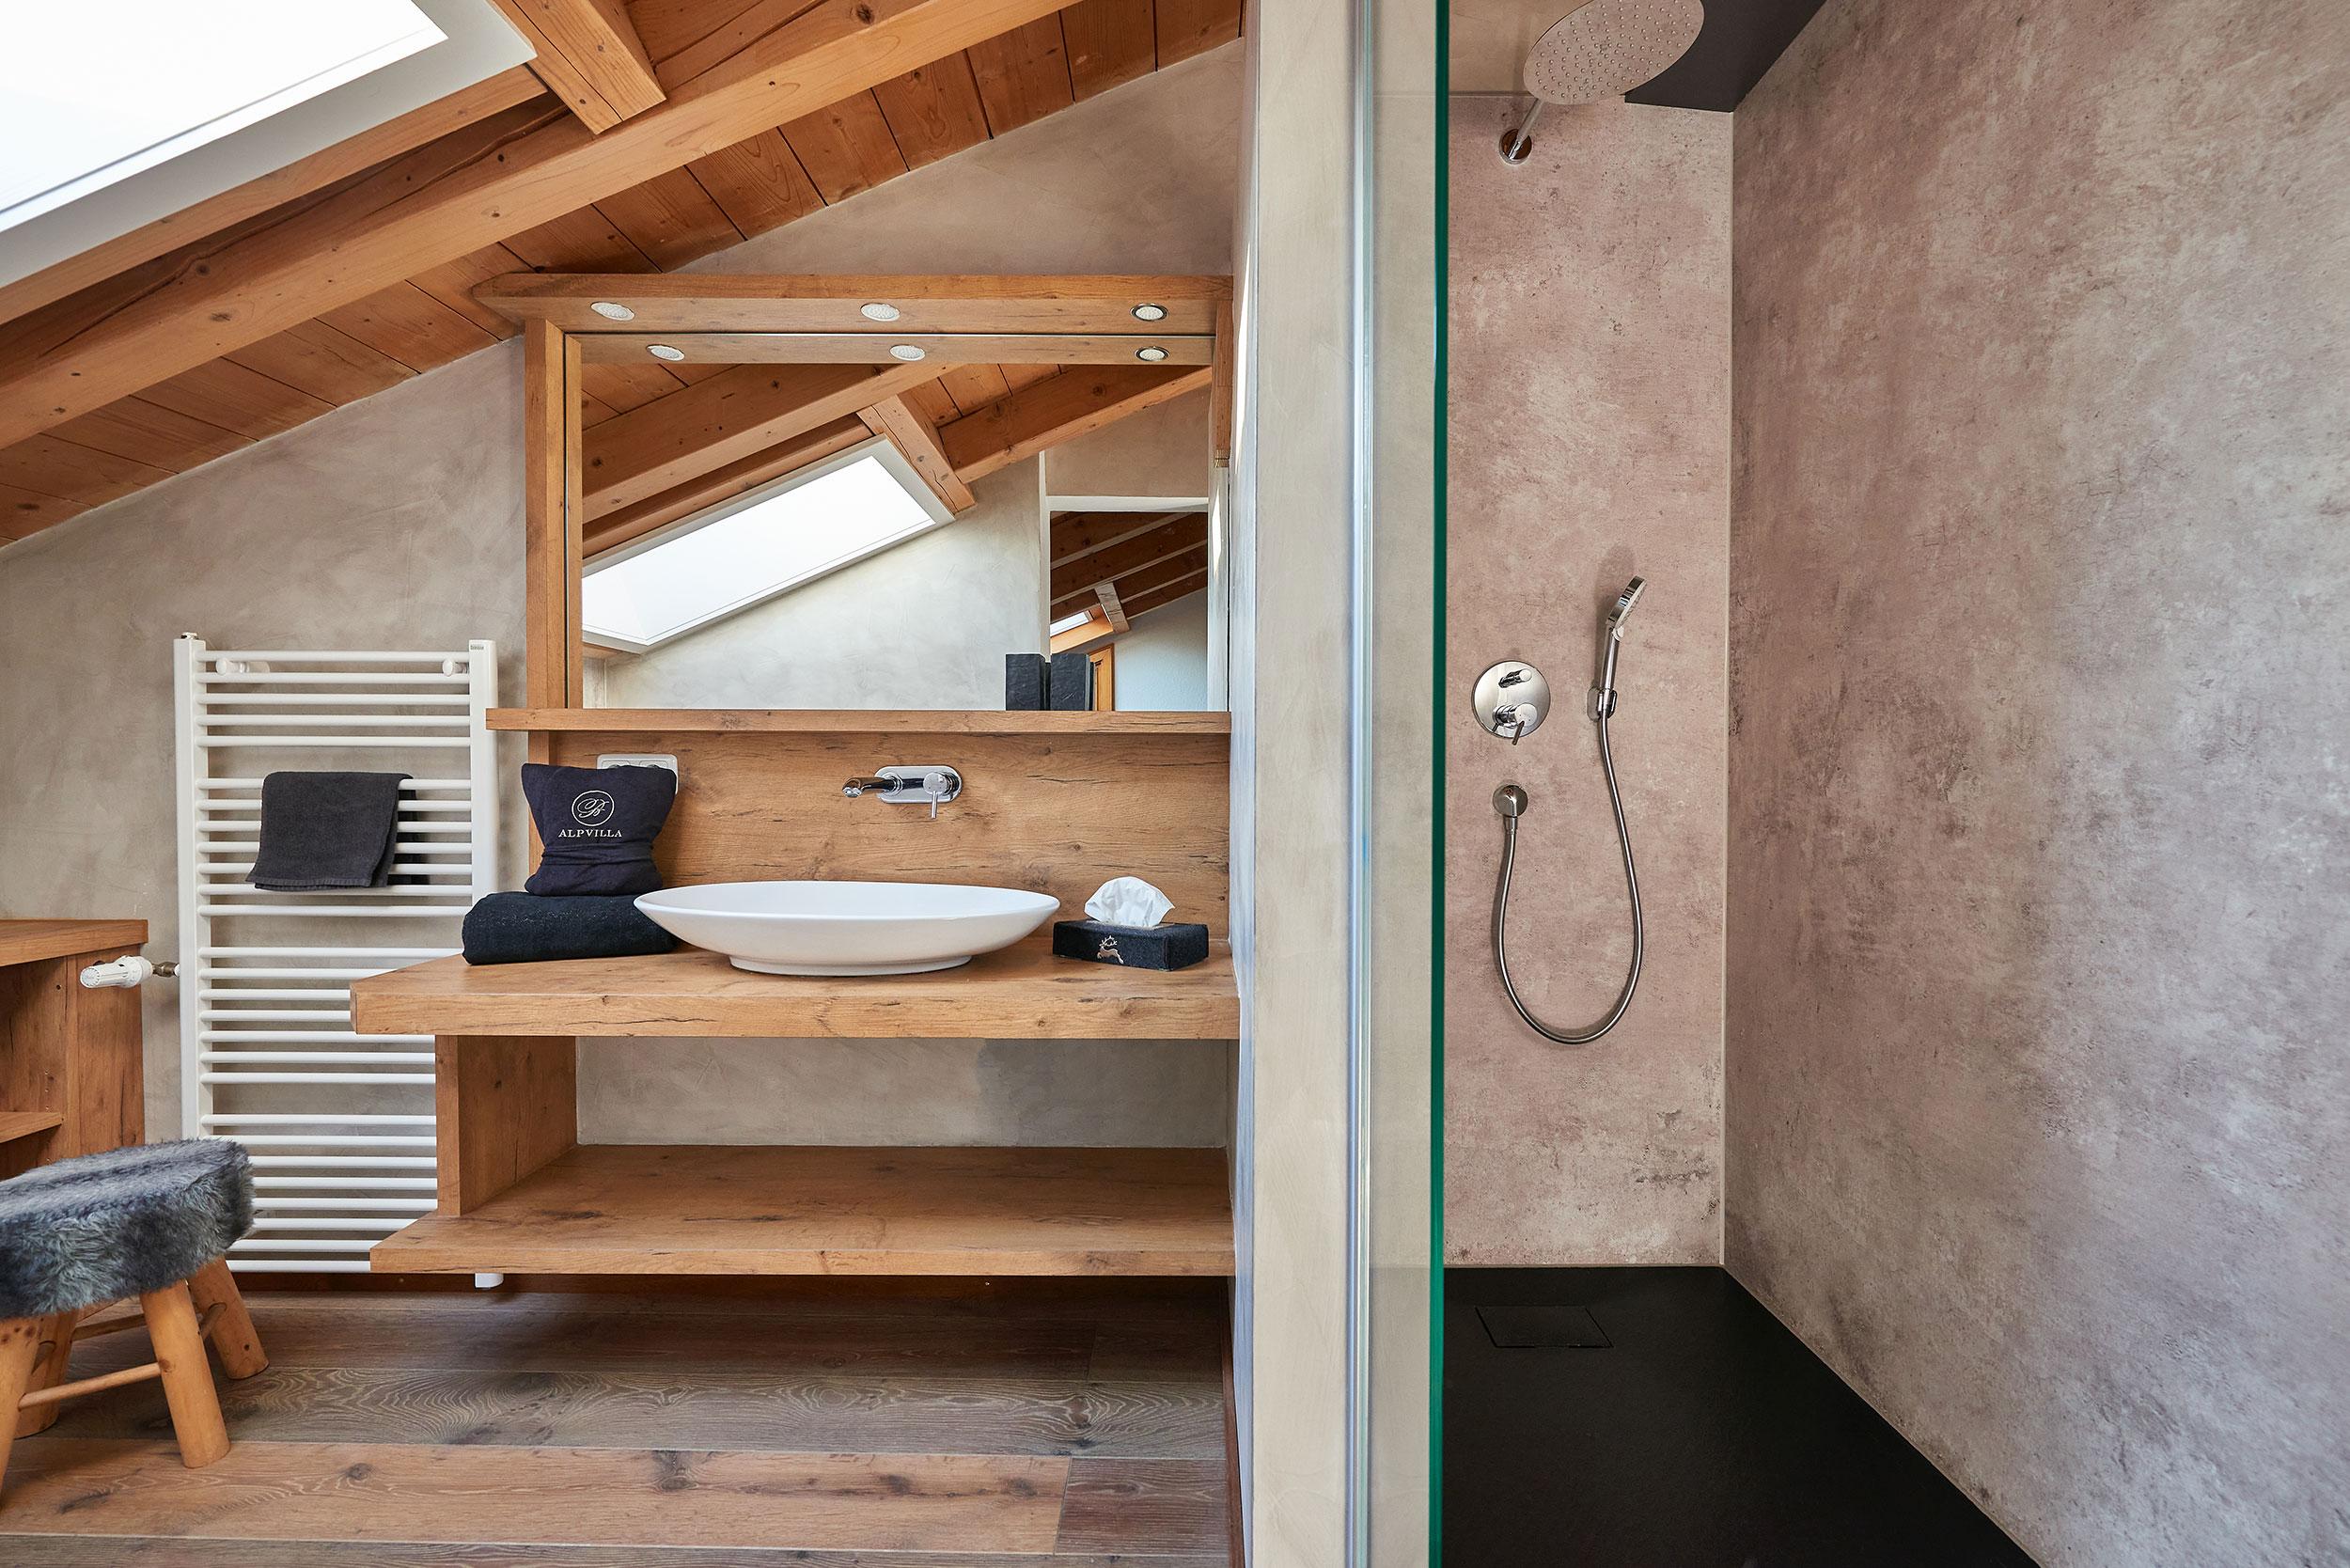 """Badezimmer """"Almrausch"""" mit Waschbecken und großem Spiegel auf der linken Seite und Dusche auf der rechten Seite getrennt durch eine Glaswand."""